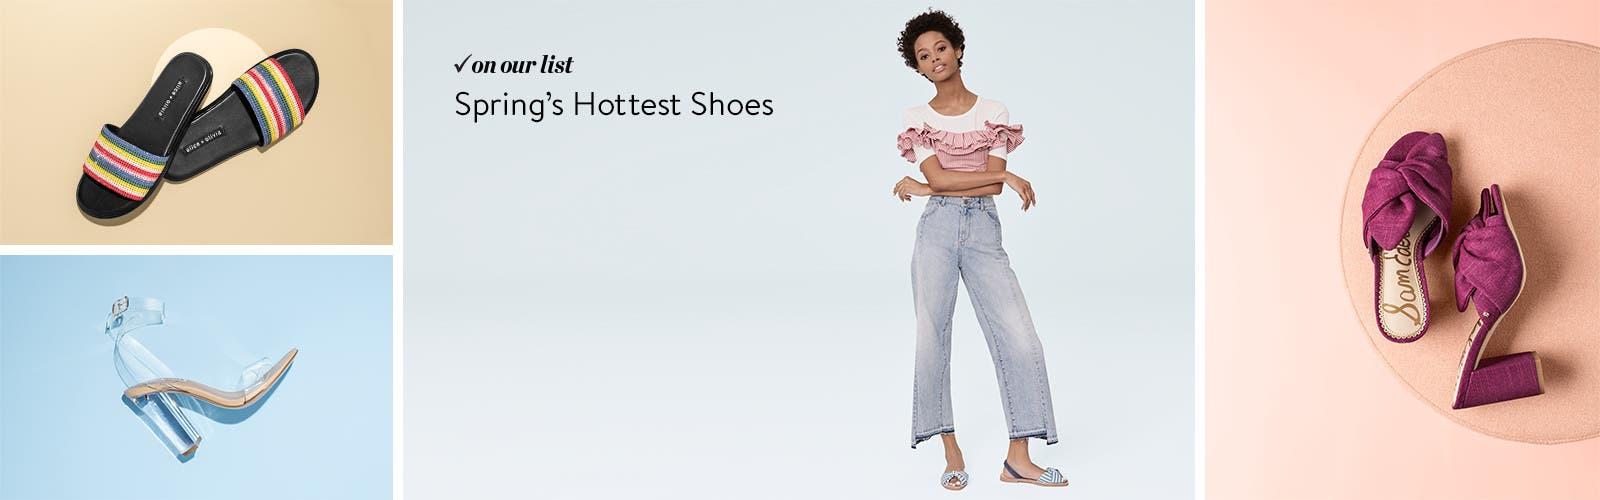 Women's spring shoe trends.